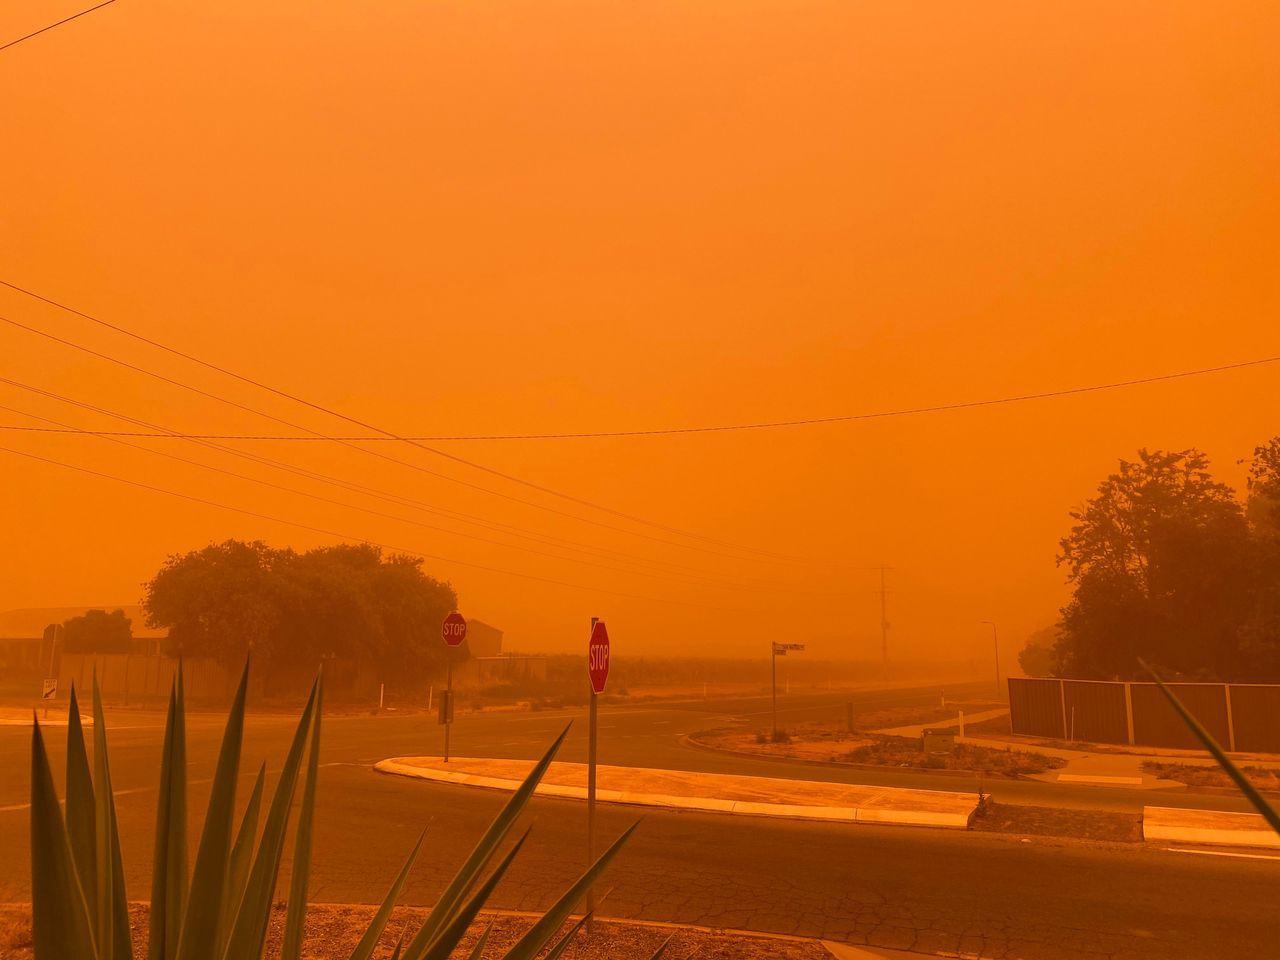 澳洲維多利亞省小鎮米爾杜拉(Mildura)周四遭受沙塵暴侵襲,天空化為一片橘紅...